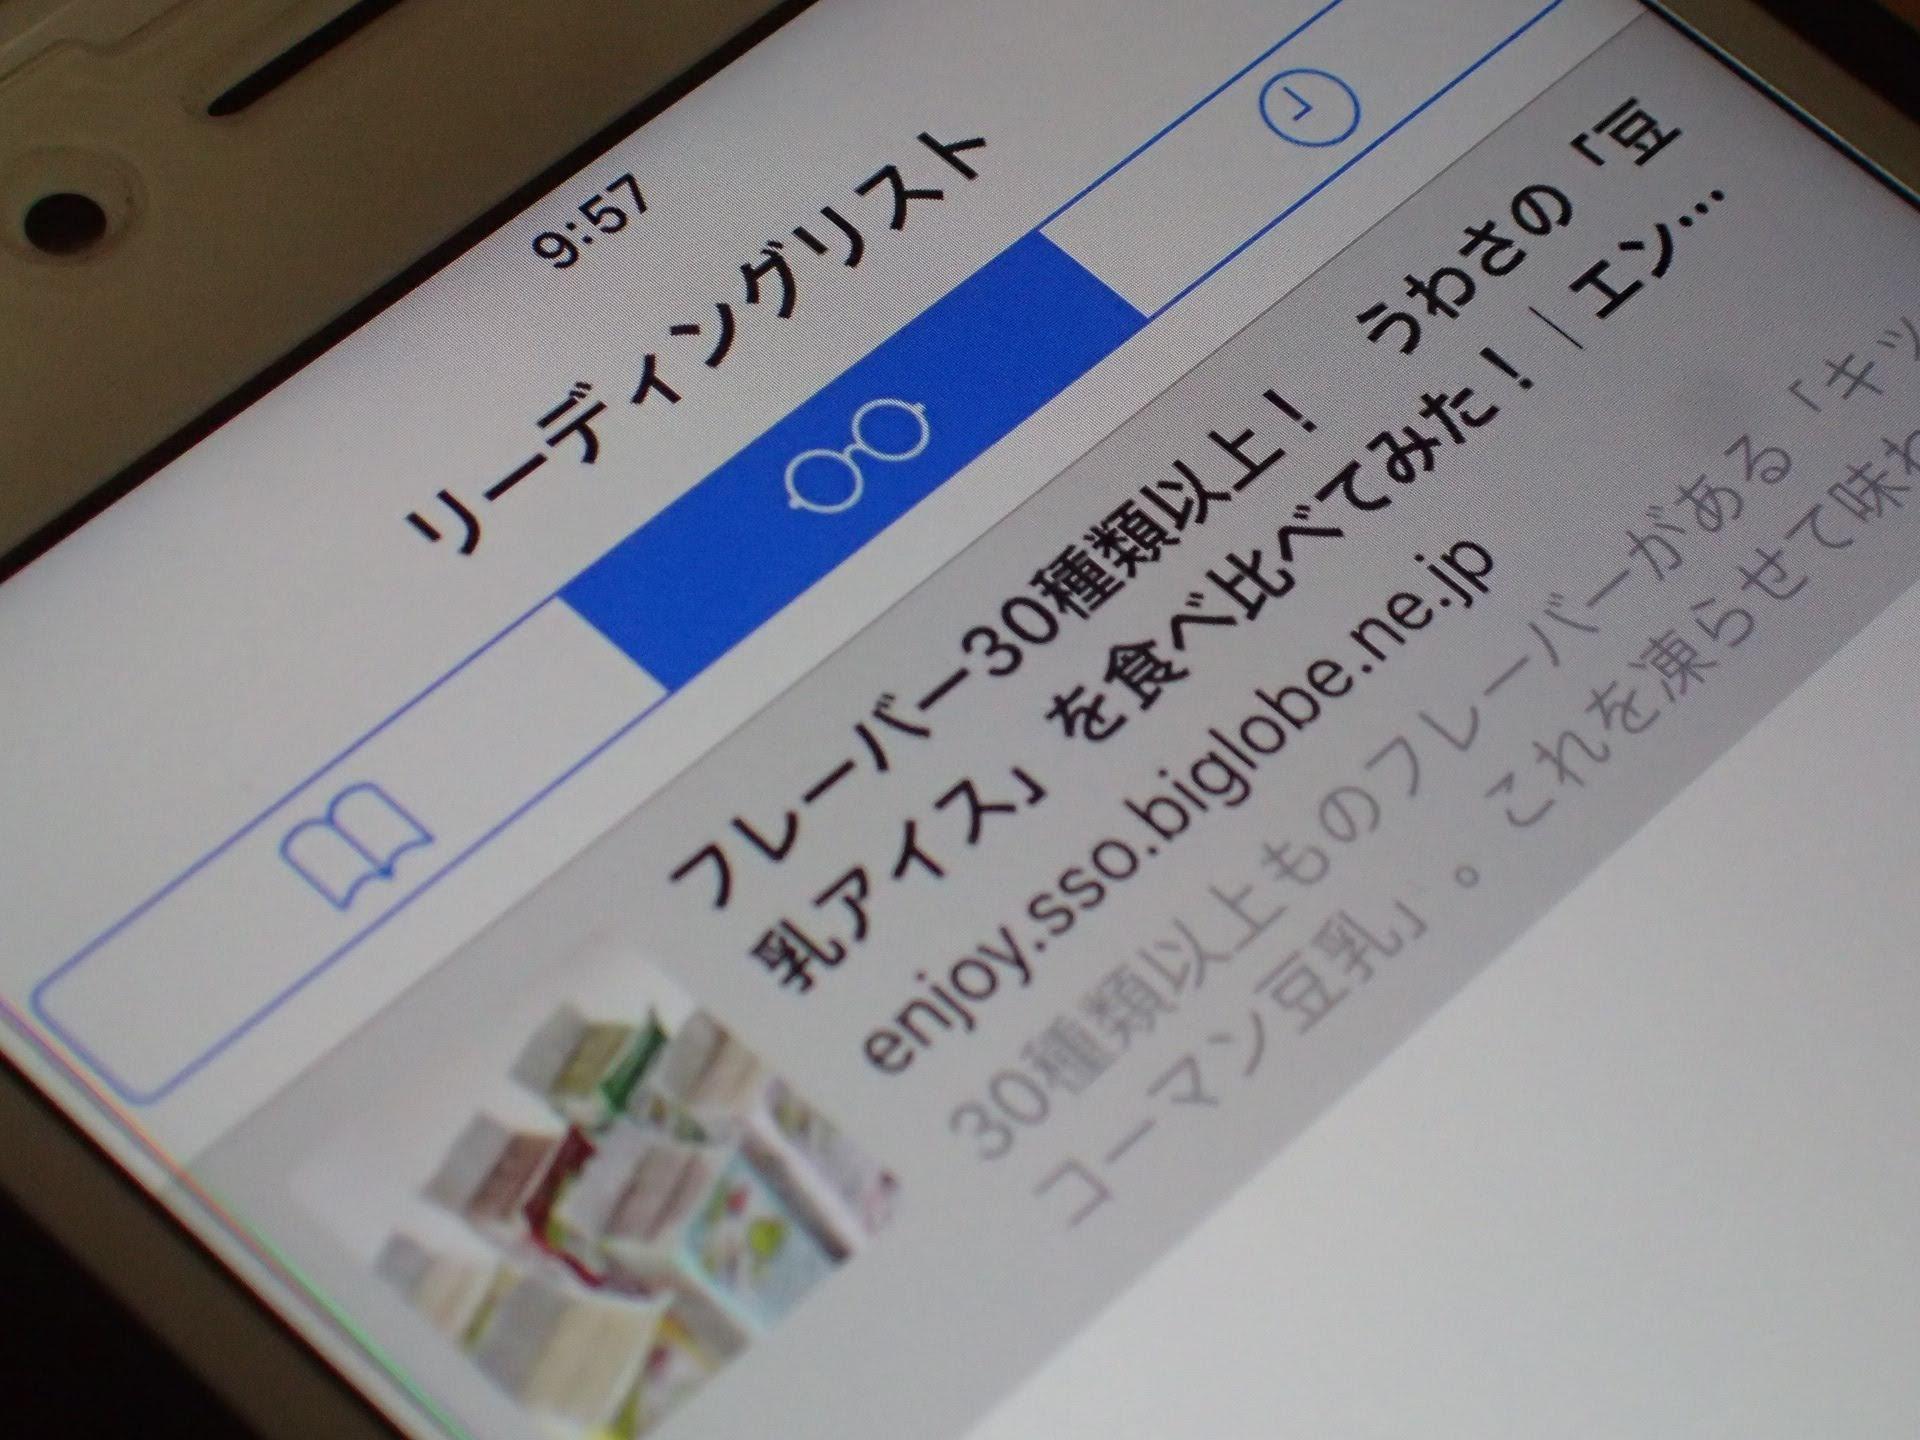 iPhoneがオフラインのときにWebページを閲覧する方法